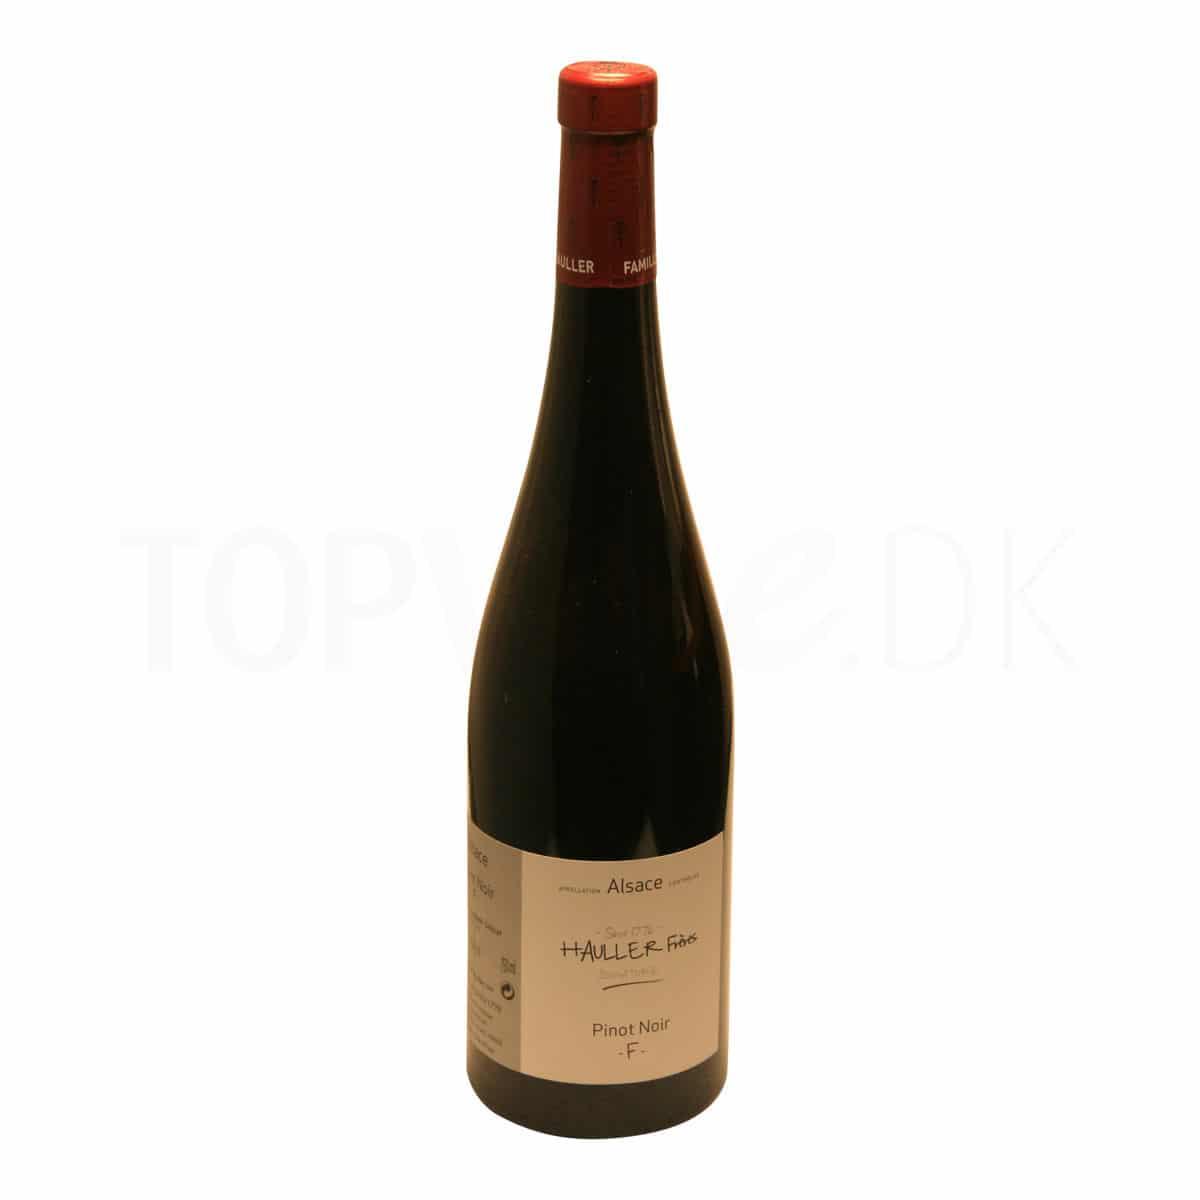 Topvine Hauller Pinot Noir Signatur